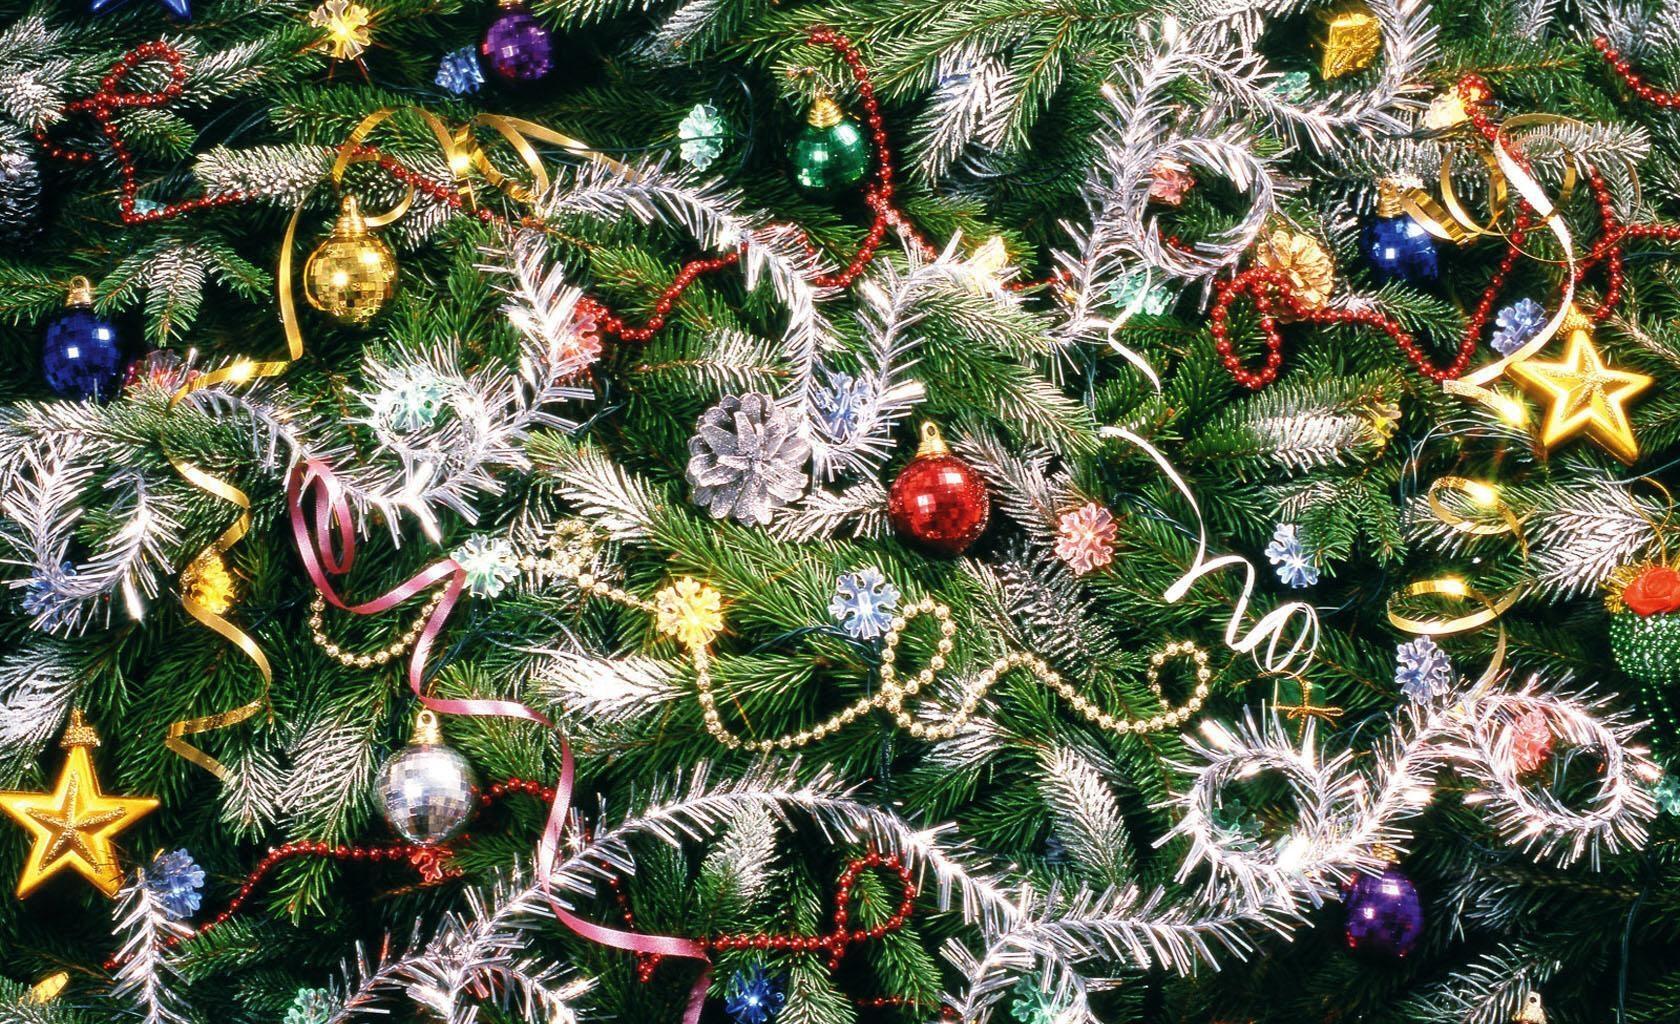 76167 Bildschirmschoner und Hintergrundbilder Feiertage auf Ihrem Telefon. Laden Sie Feiertage, Weihnachten, Nadeln, Neujahr, Dekoration, Neues Jahr, Urlaub, Weihnachtsschmuck, Weihnachtsbaum Spielzeug, Weihnachtsbaum Bilder kostenlos herunter